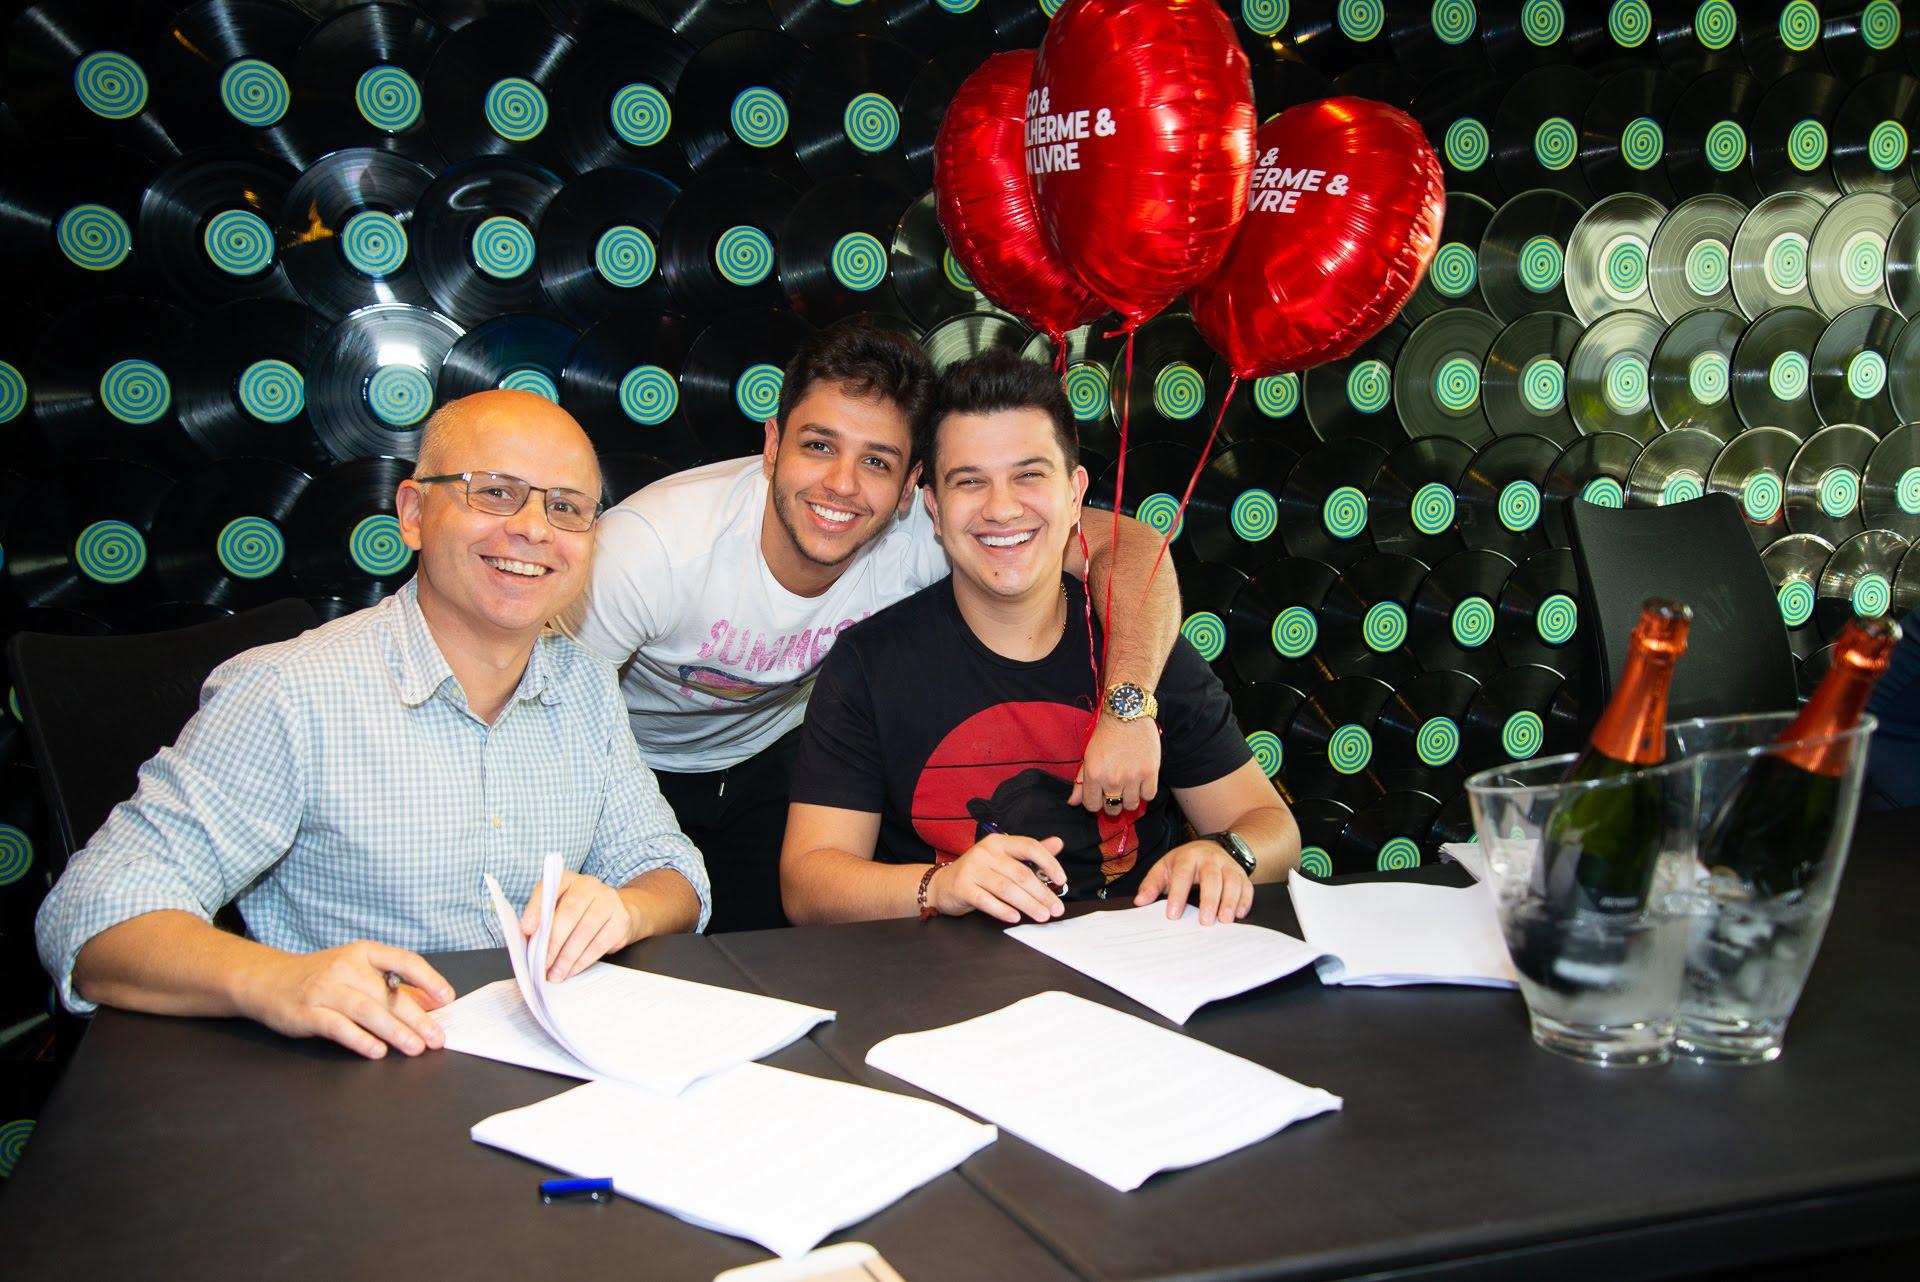 Hugo & Guilherme assinam com a Som Livre 41